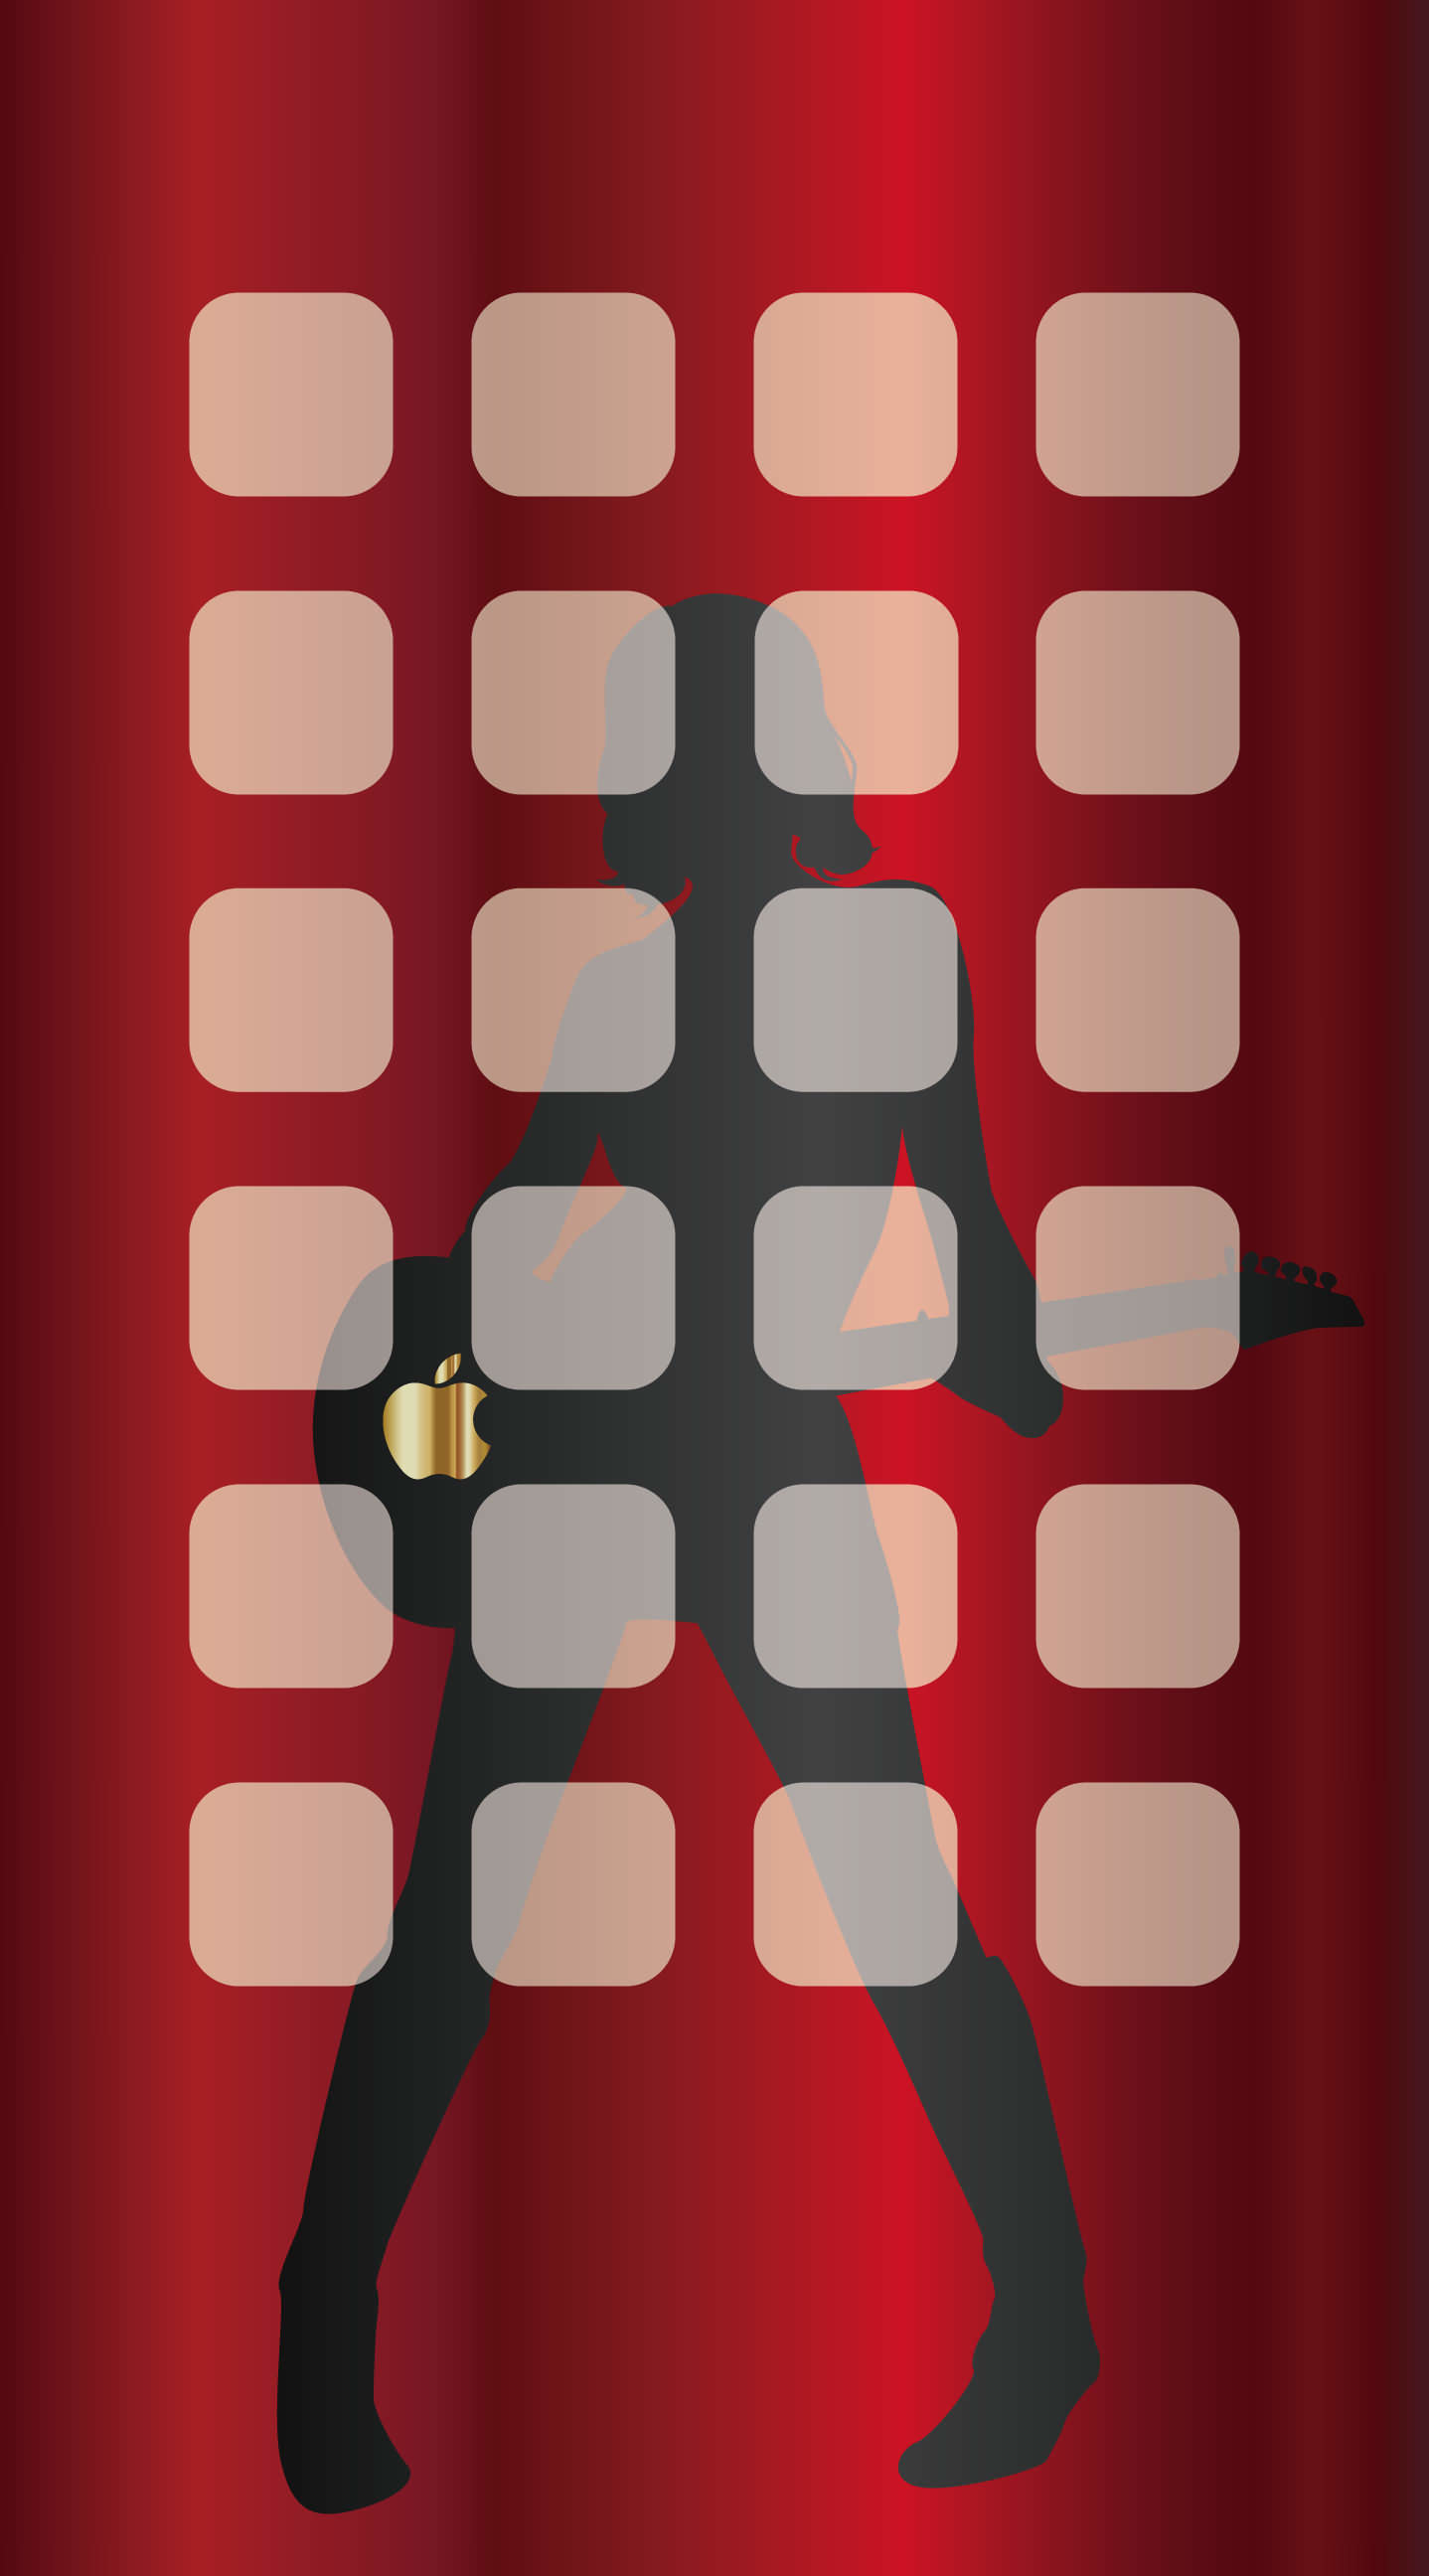 iPhone 6s Plus / iPhone 6 Plus wallpaper